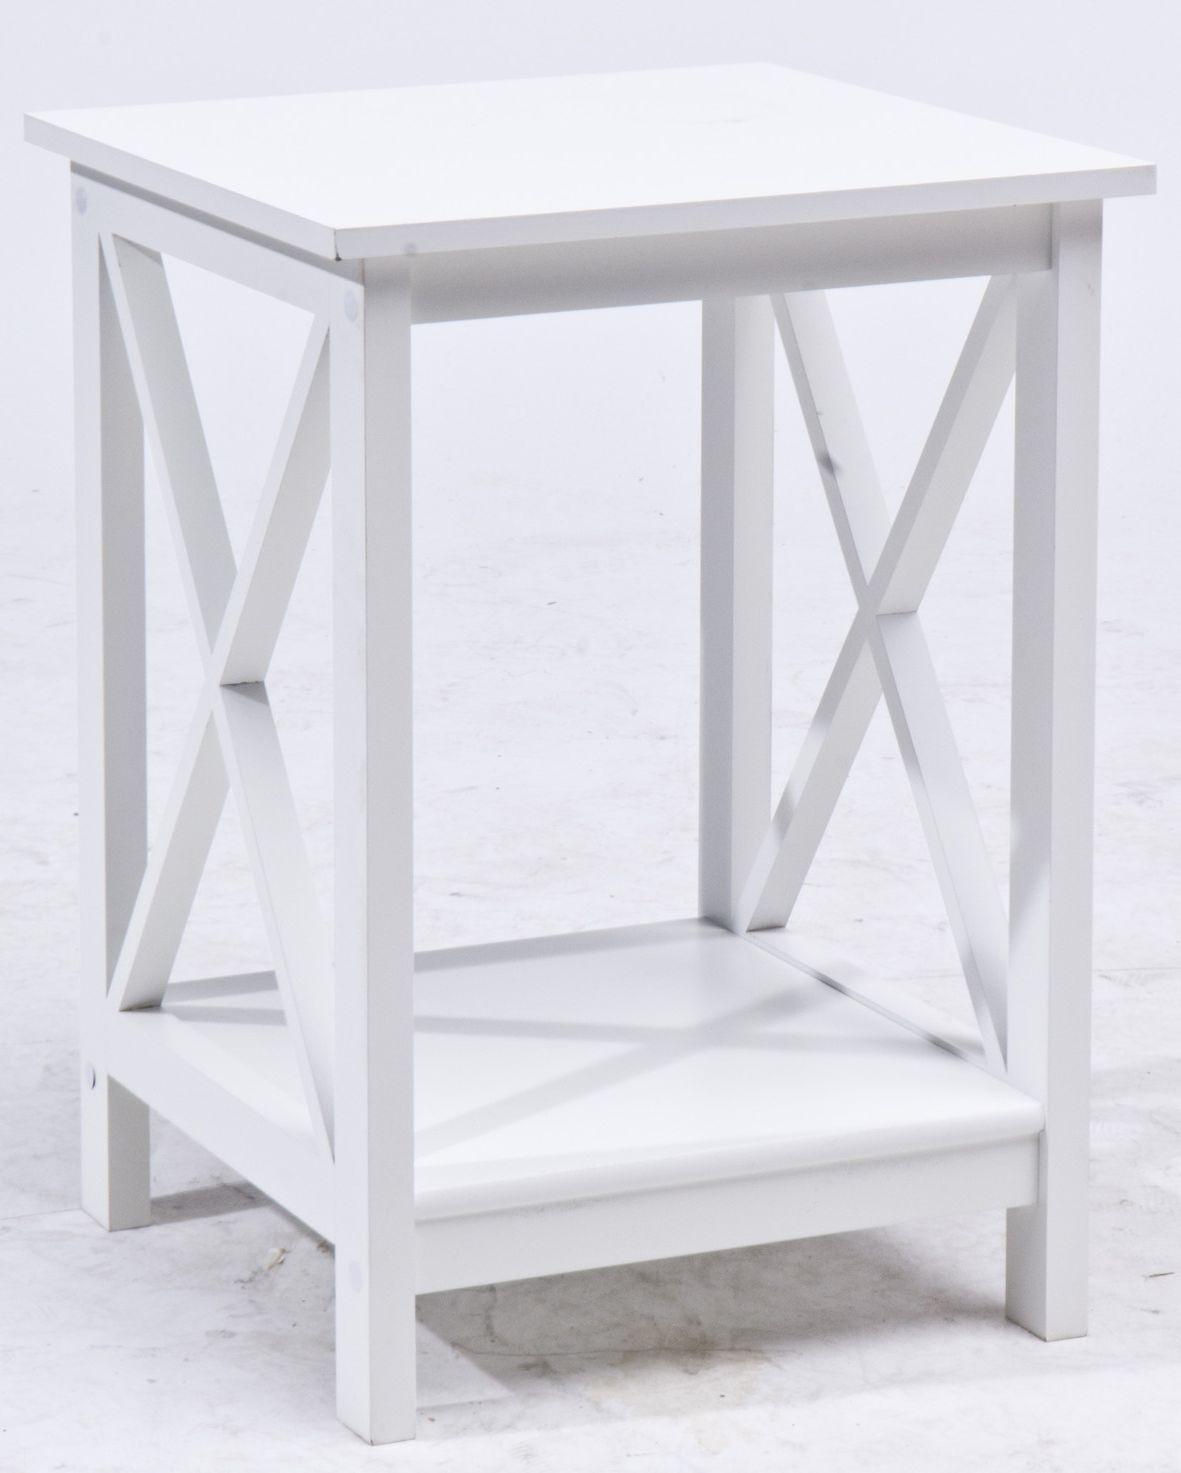 Vintage Pr stavn stol k MOSI SCONTO N BYTOK